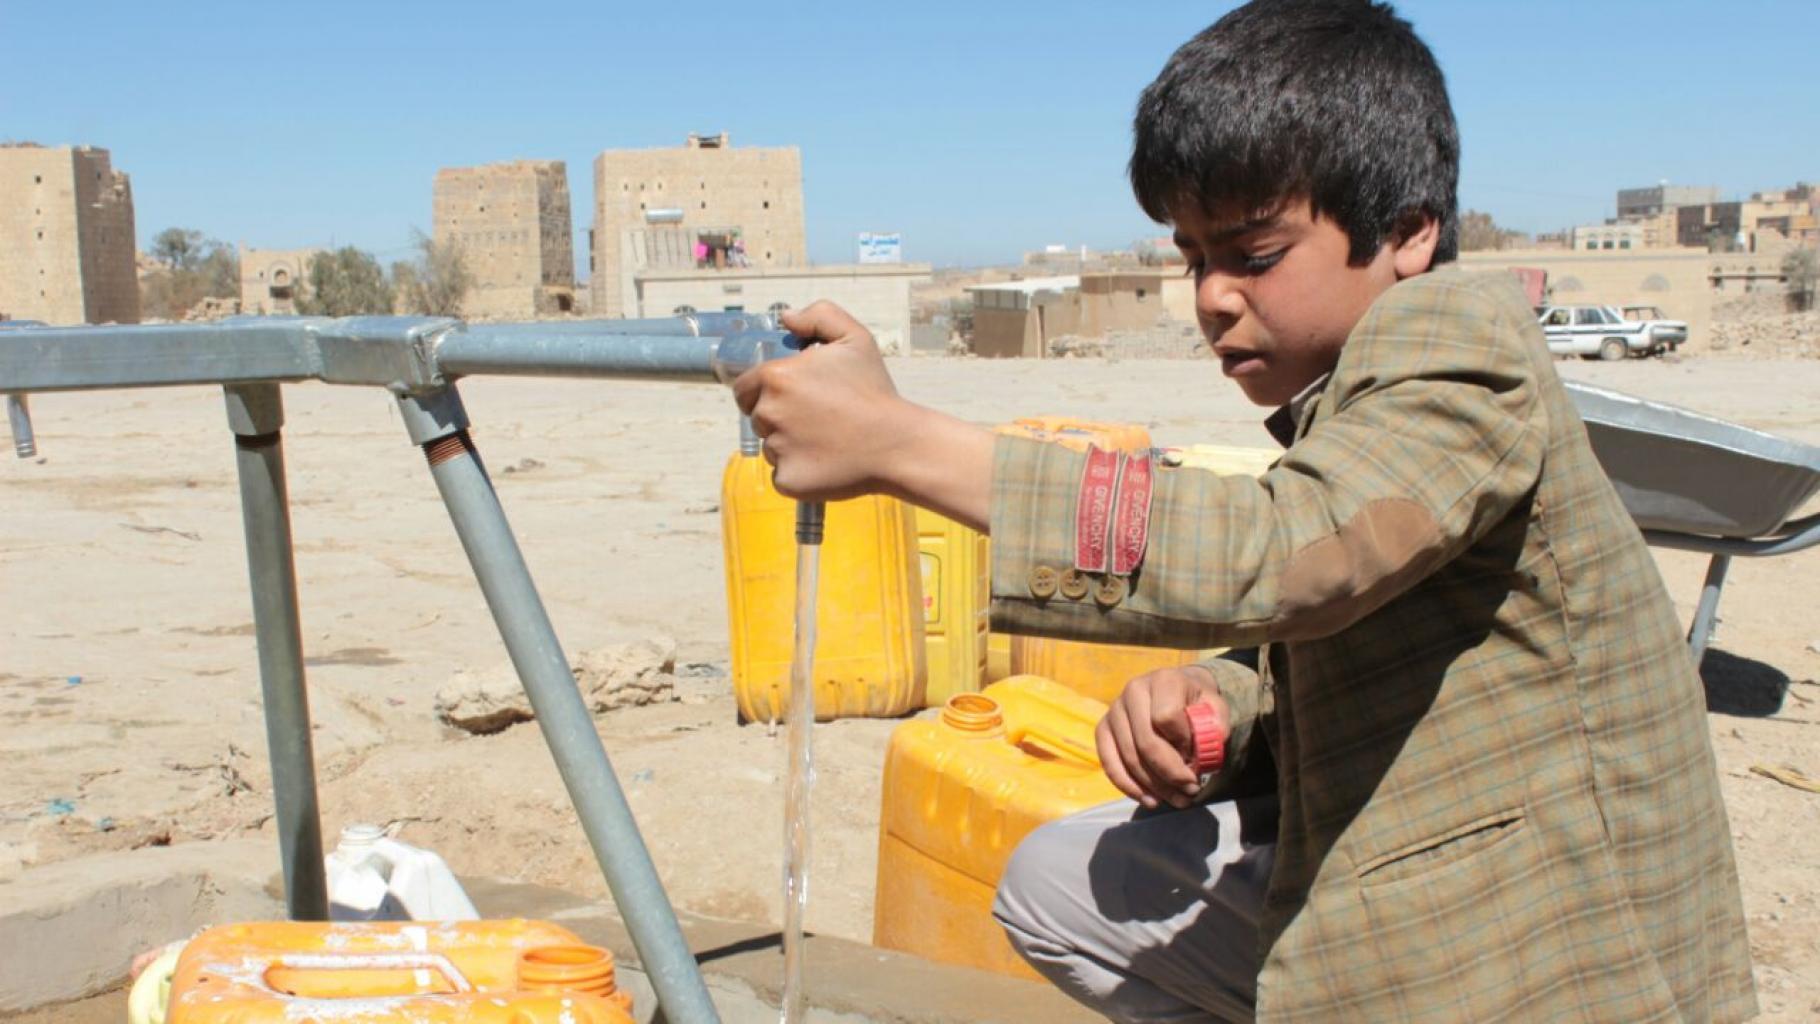 Der Junge Mujahed (Name geändert) lebt mit seiner Familie und Hunderten von anderen Binnenvertriebenen im Huth-Camp im Jemen